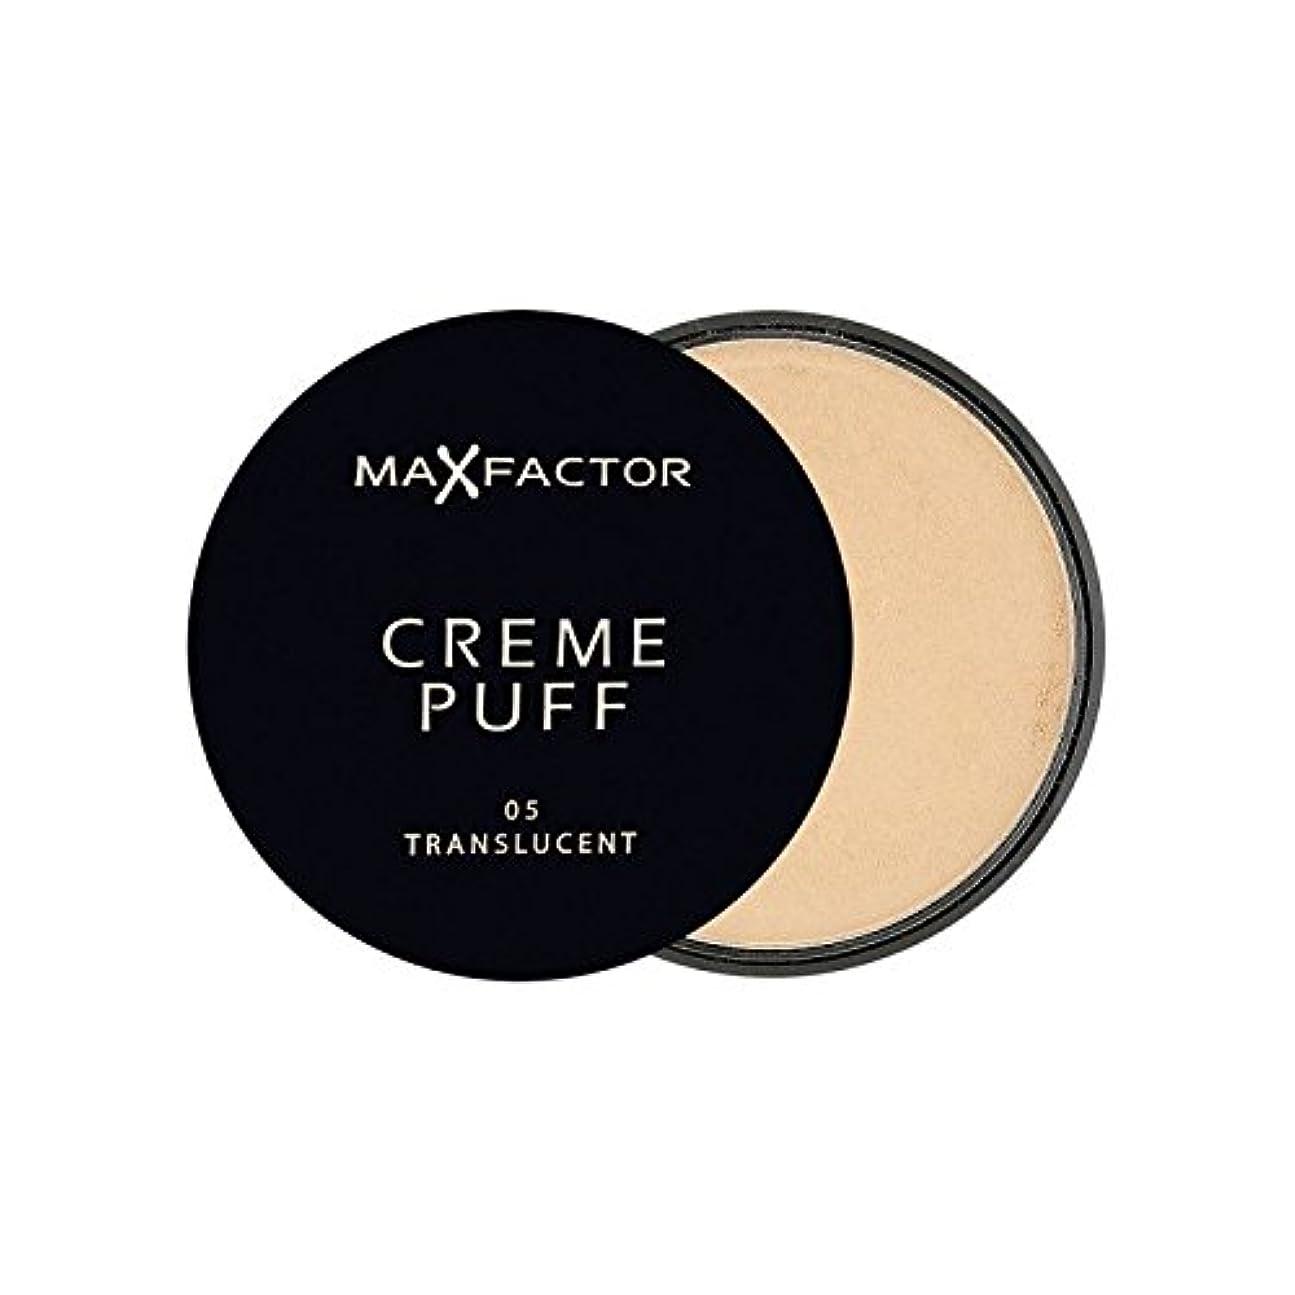 リンス永遠に認可Max Factor Creme Puff Powder Compact Translucent 5 - マックスファクタークリームパフパウダーコンパクト半透明5 [並行輸入品]